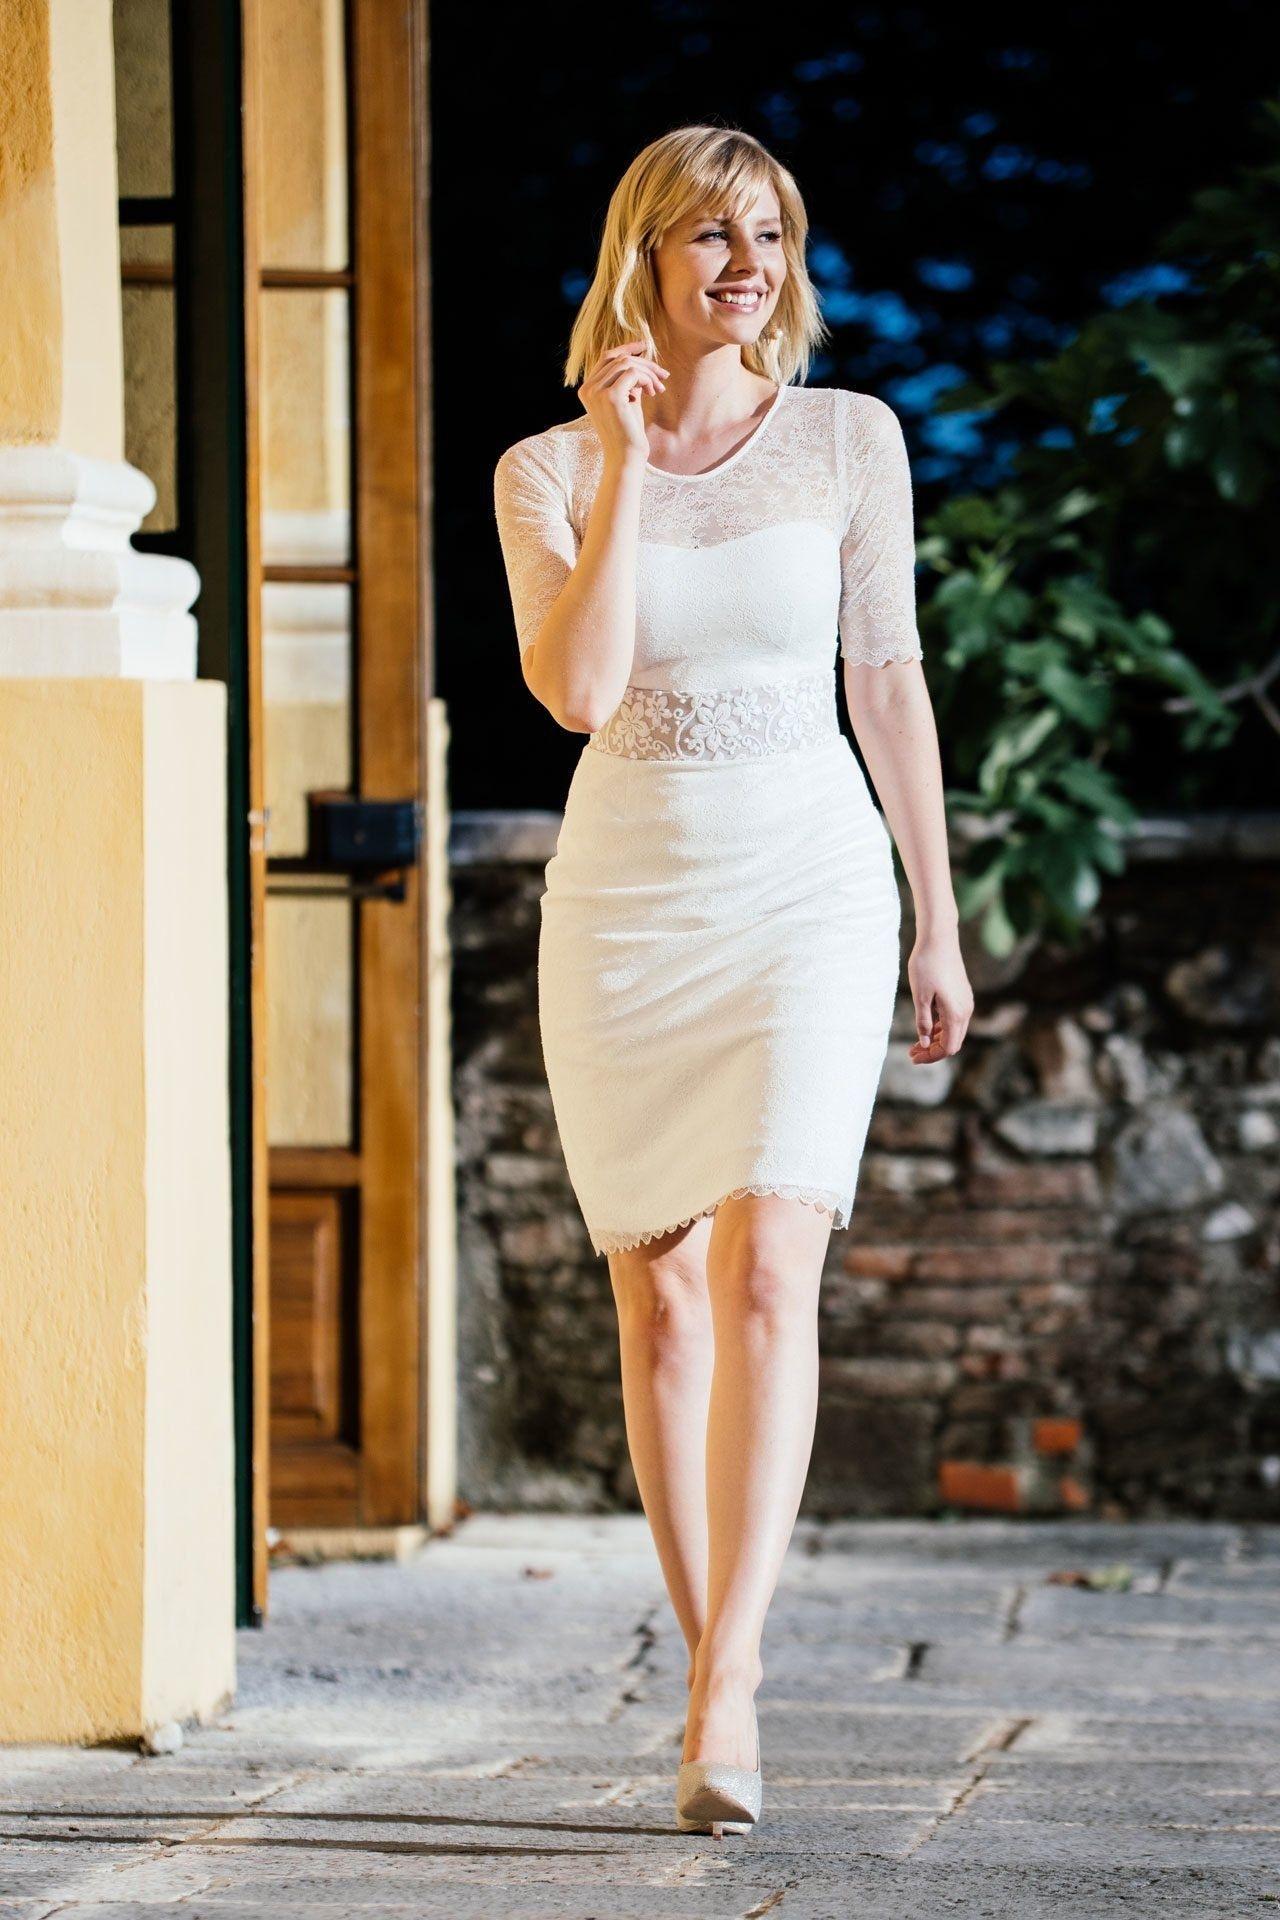 Formal Einfach Etuikleid Hochzeit Stylish - Abendkleid